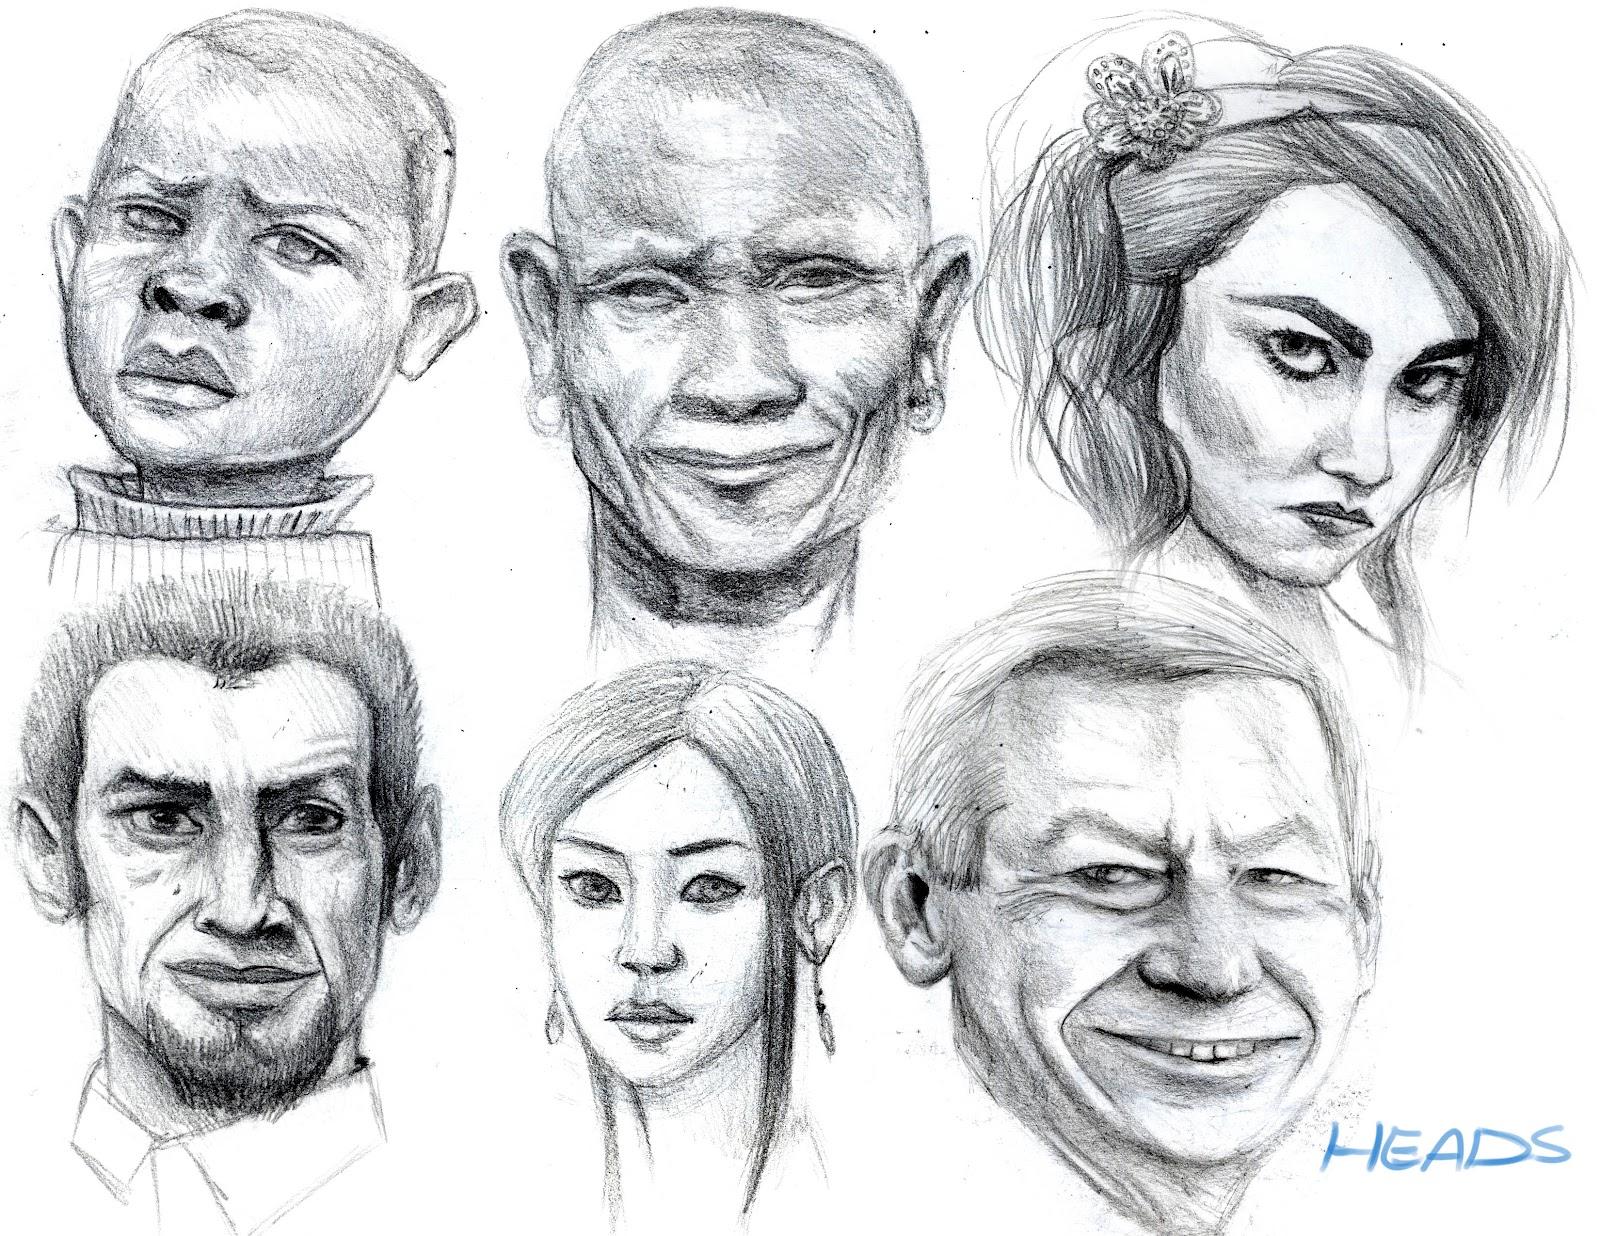 Arash Rod S Art Heads Drawings